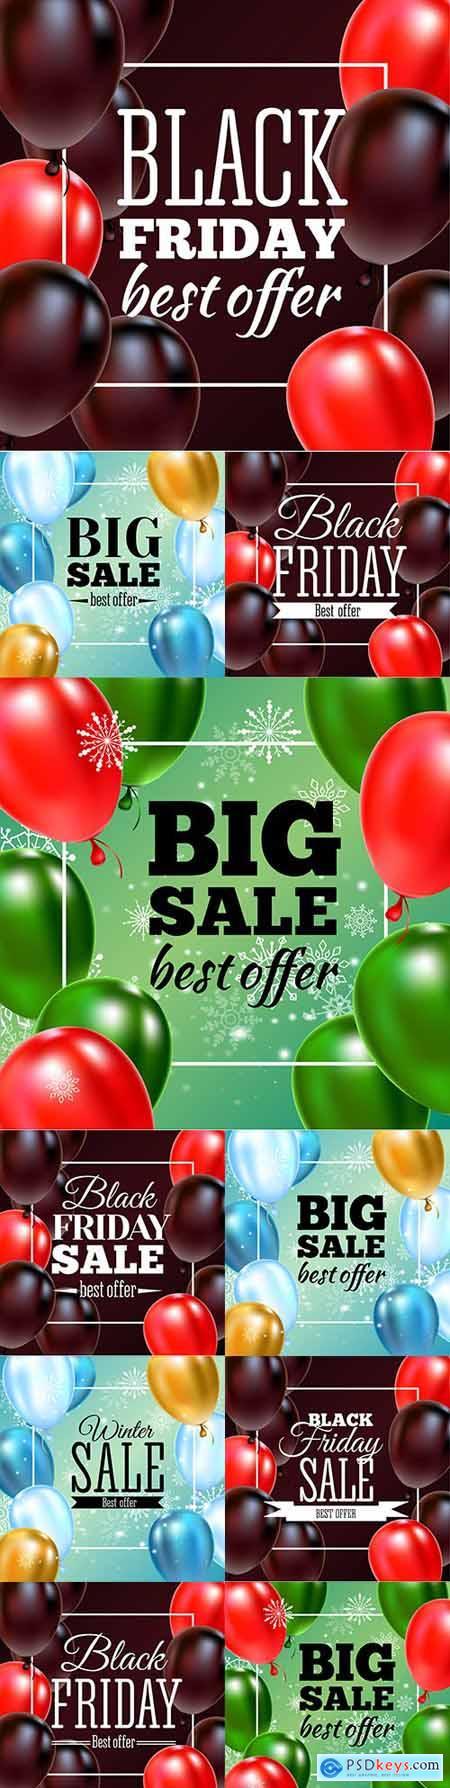 Black Friday and big sale special design illustration 27